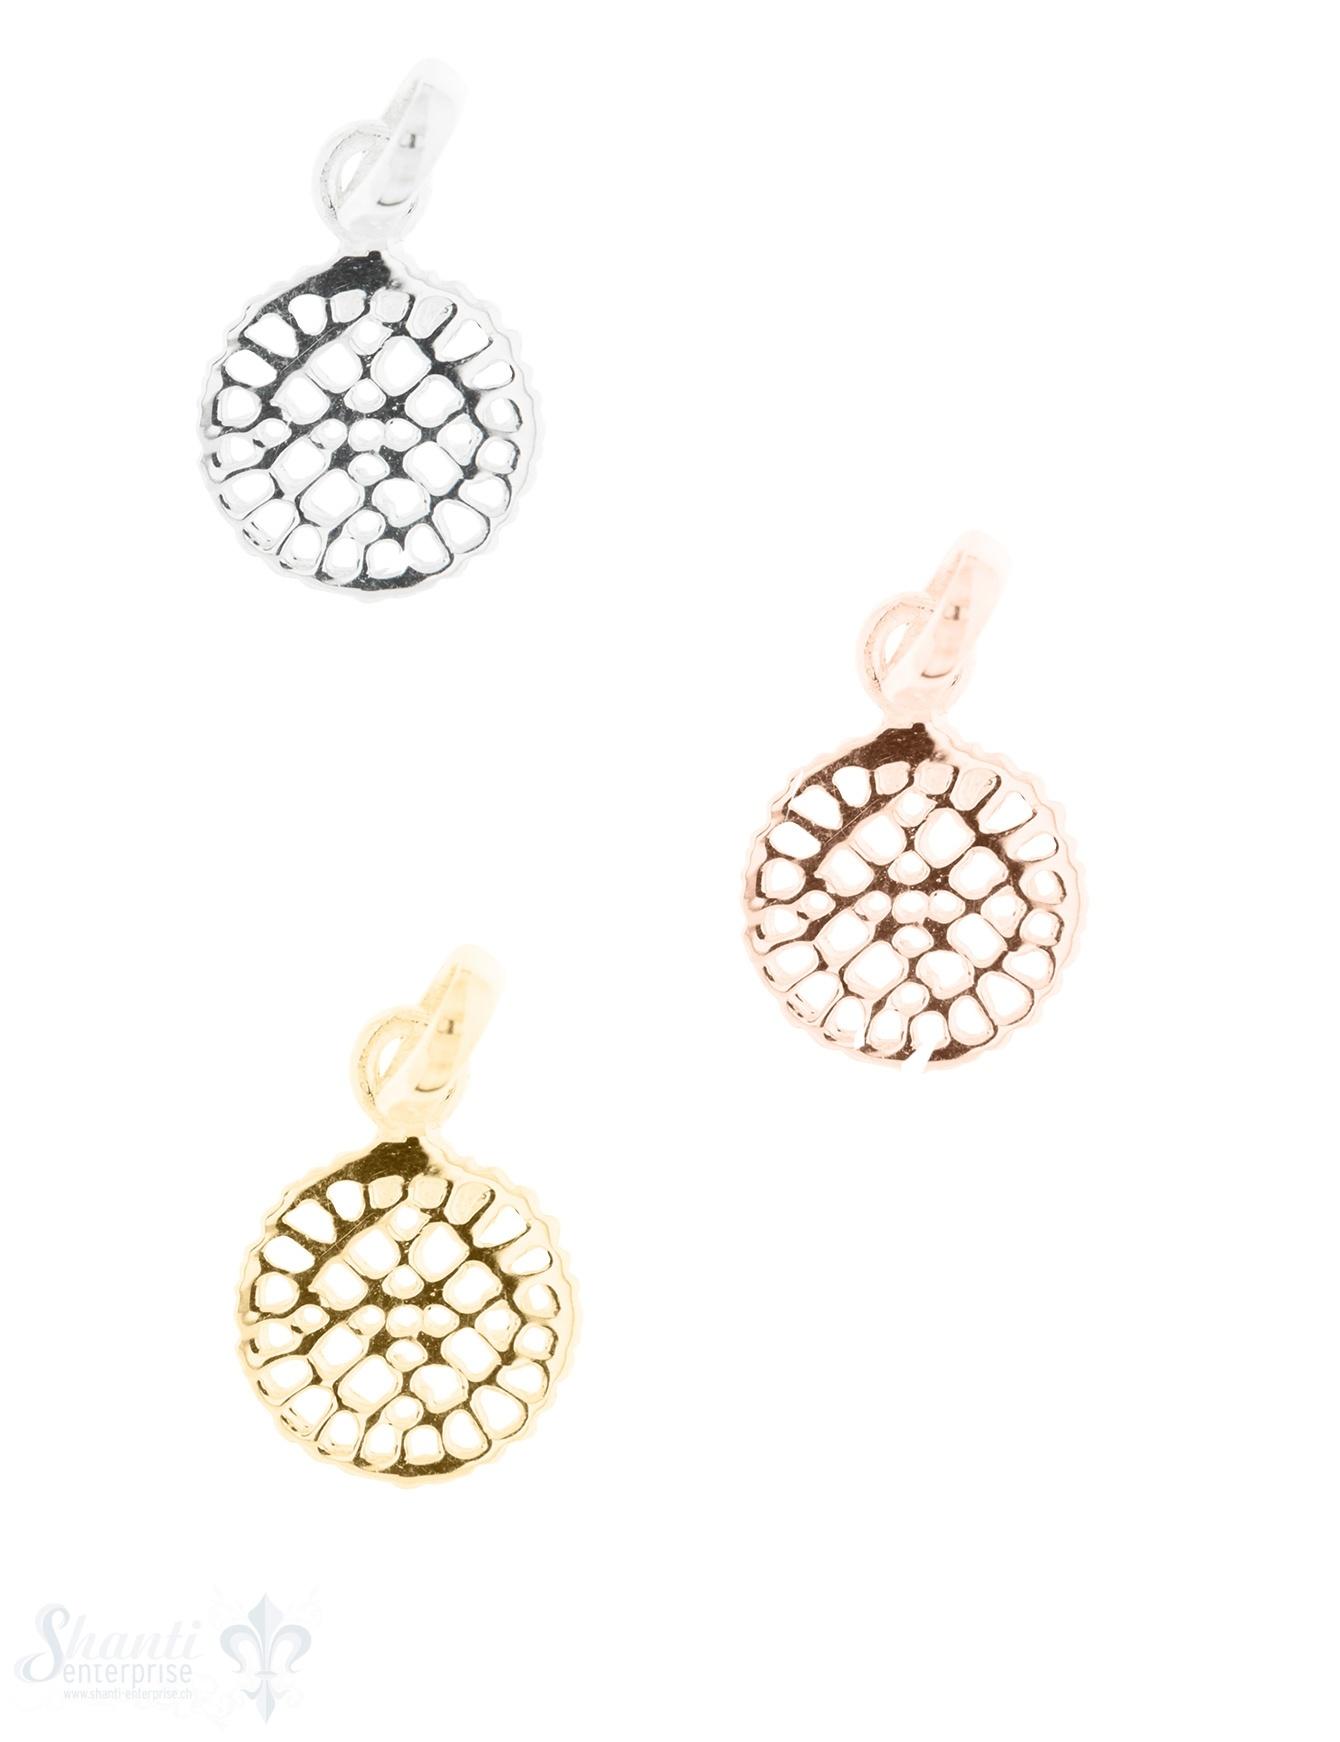 Silberanhänger Amulett mit Löcher poliert mit Öse 10 mm